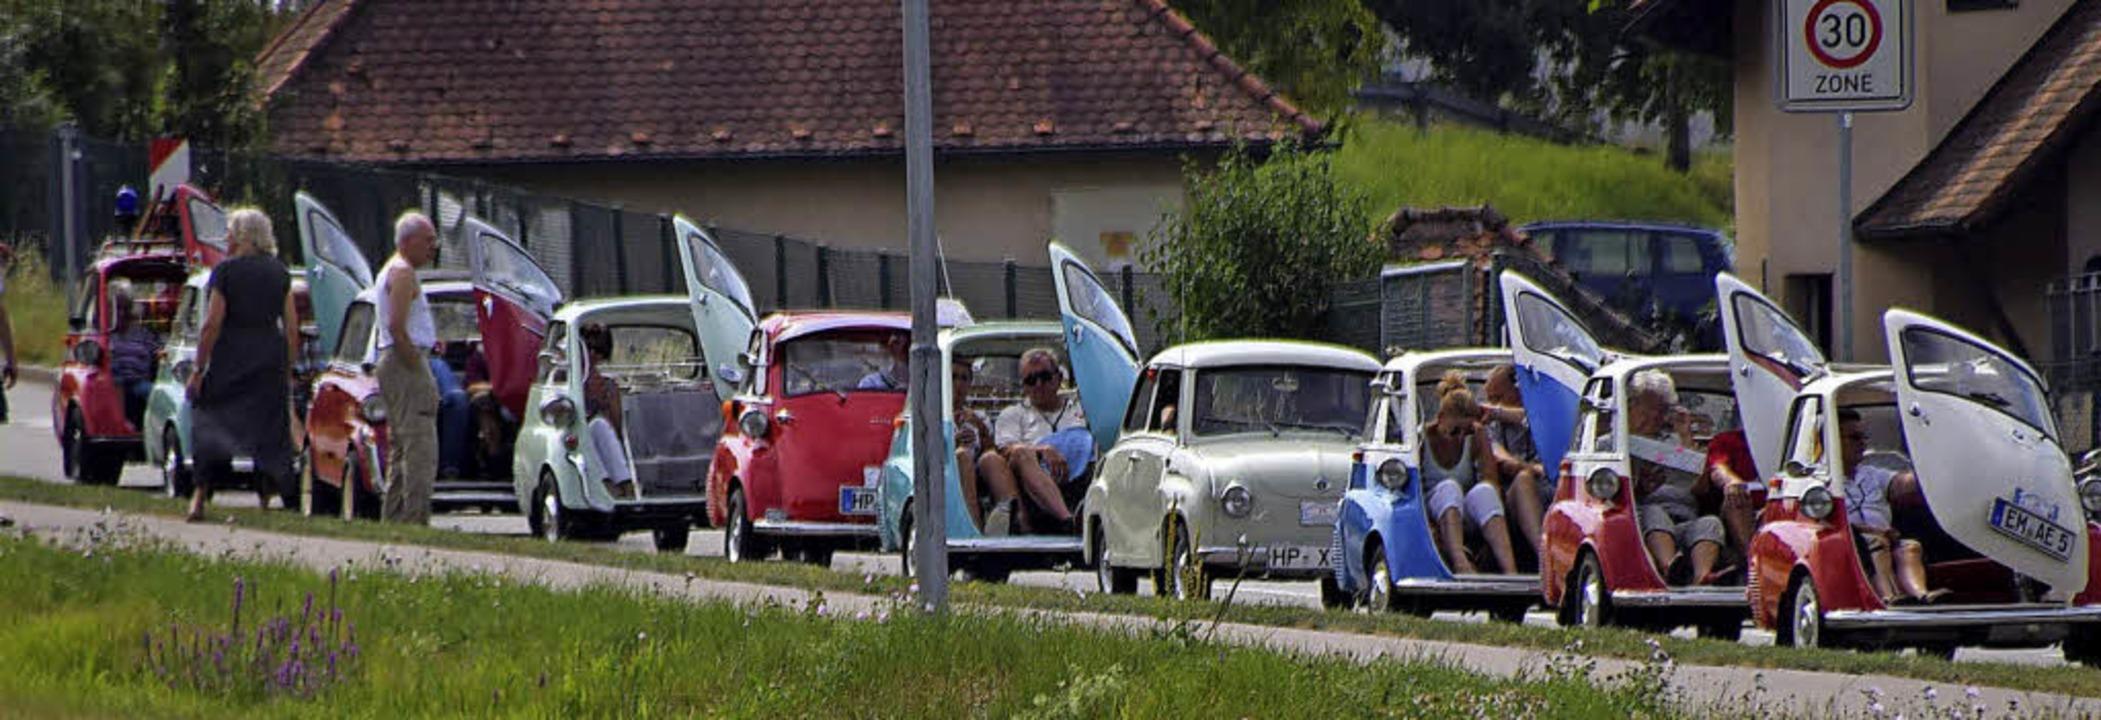 Verschnaufpause in den Isettas, dazwis...l, in den 50er-Jahren ein Konkurrent.   | Foto: hbl